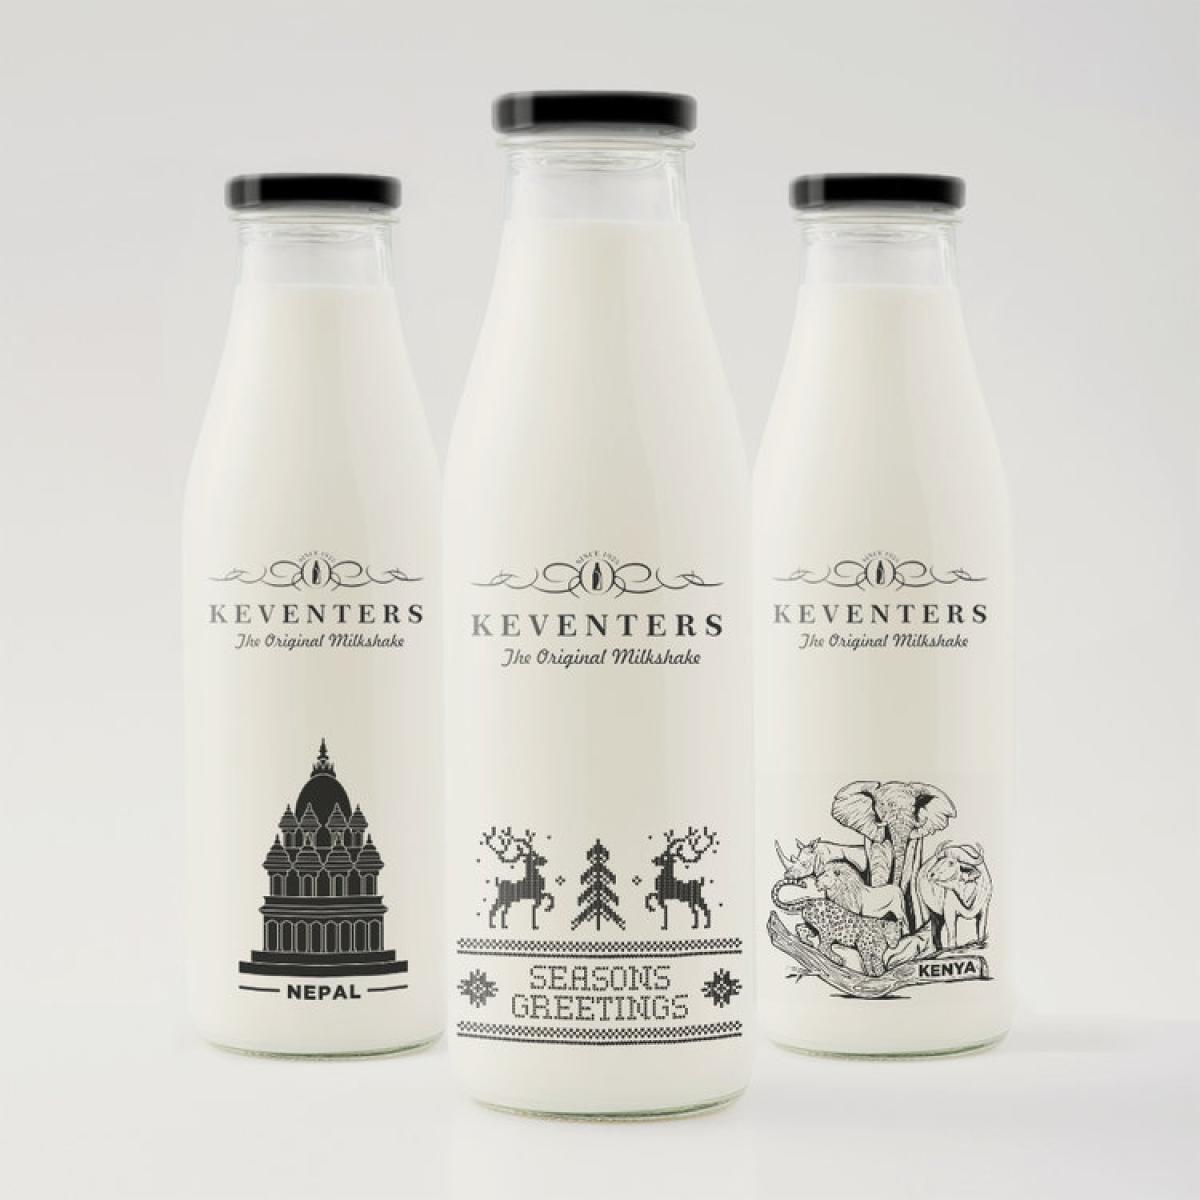 Animal's work for Keventer's bottles